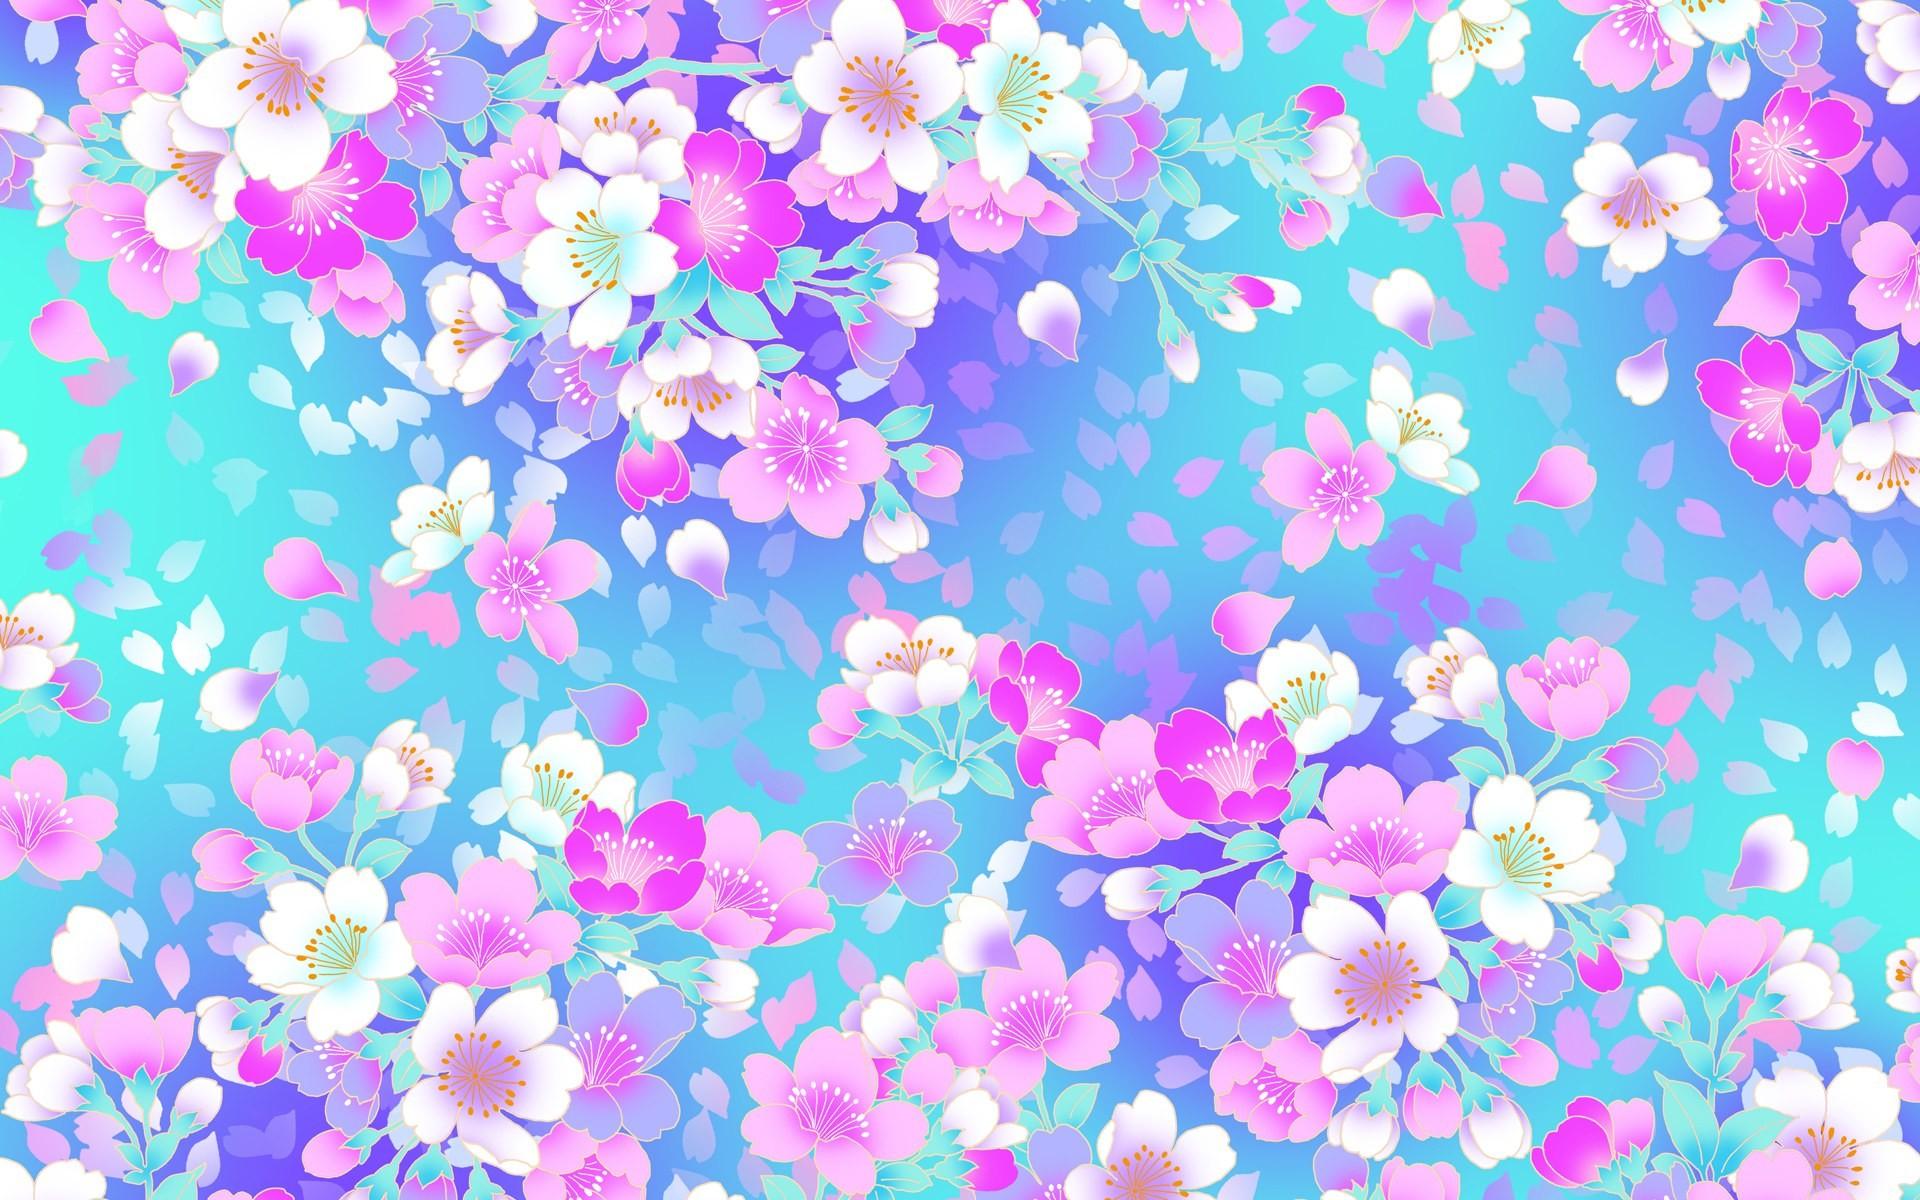 Girly Wallpapers HD Free Download   PixelsTalk.Net